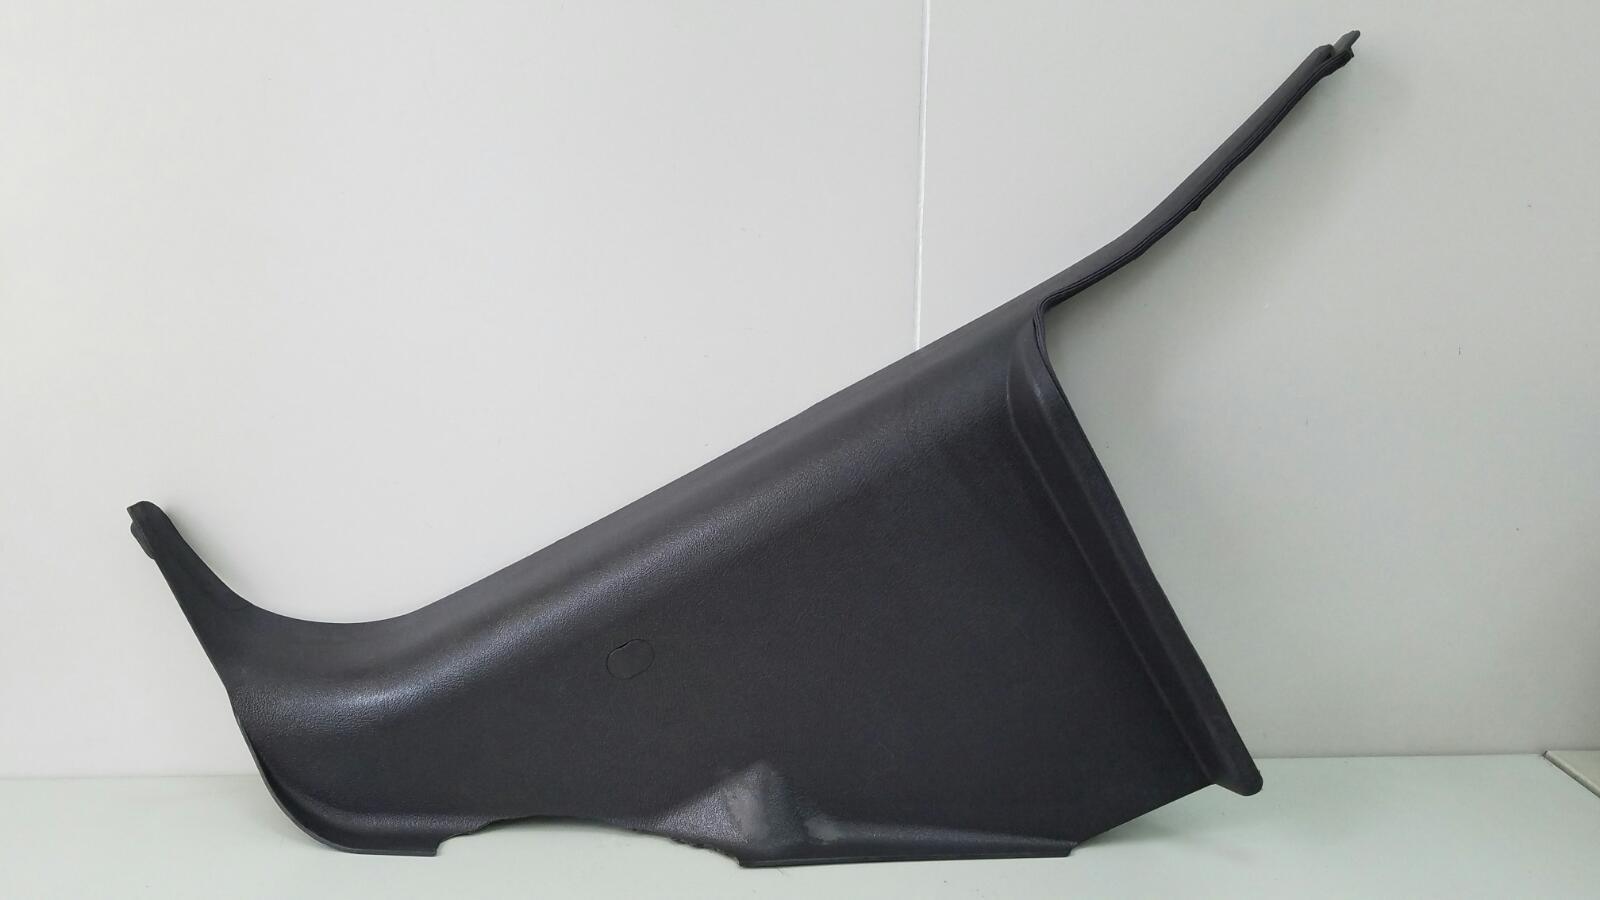 Накладка порога внутренняя Mercedes A140 W168 M166.940 1.4Л 1999г передняя левая